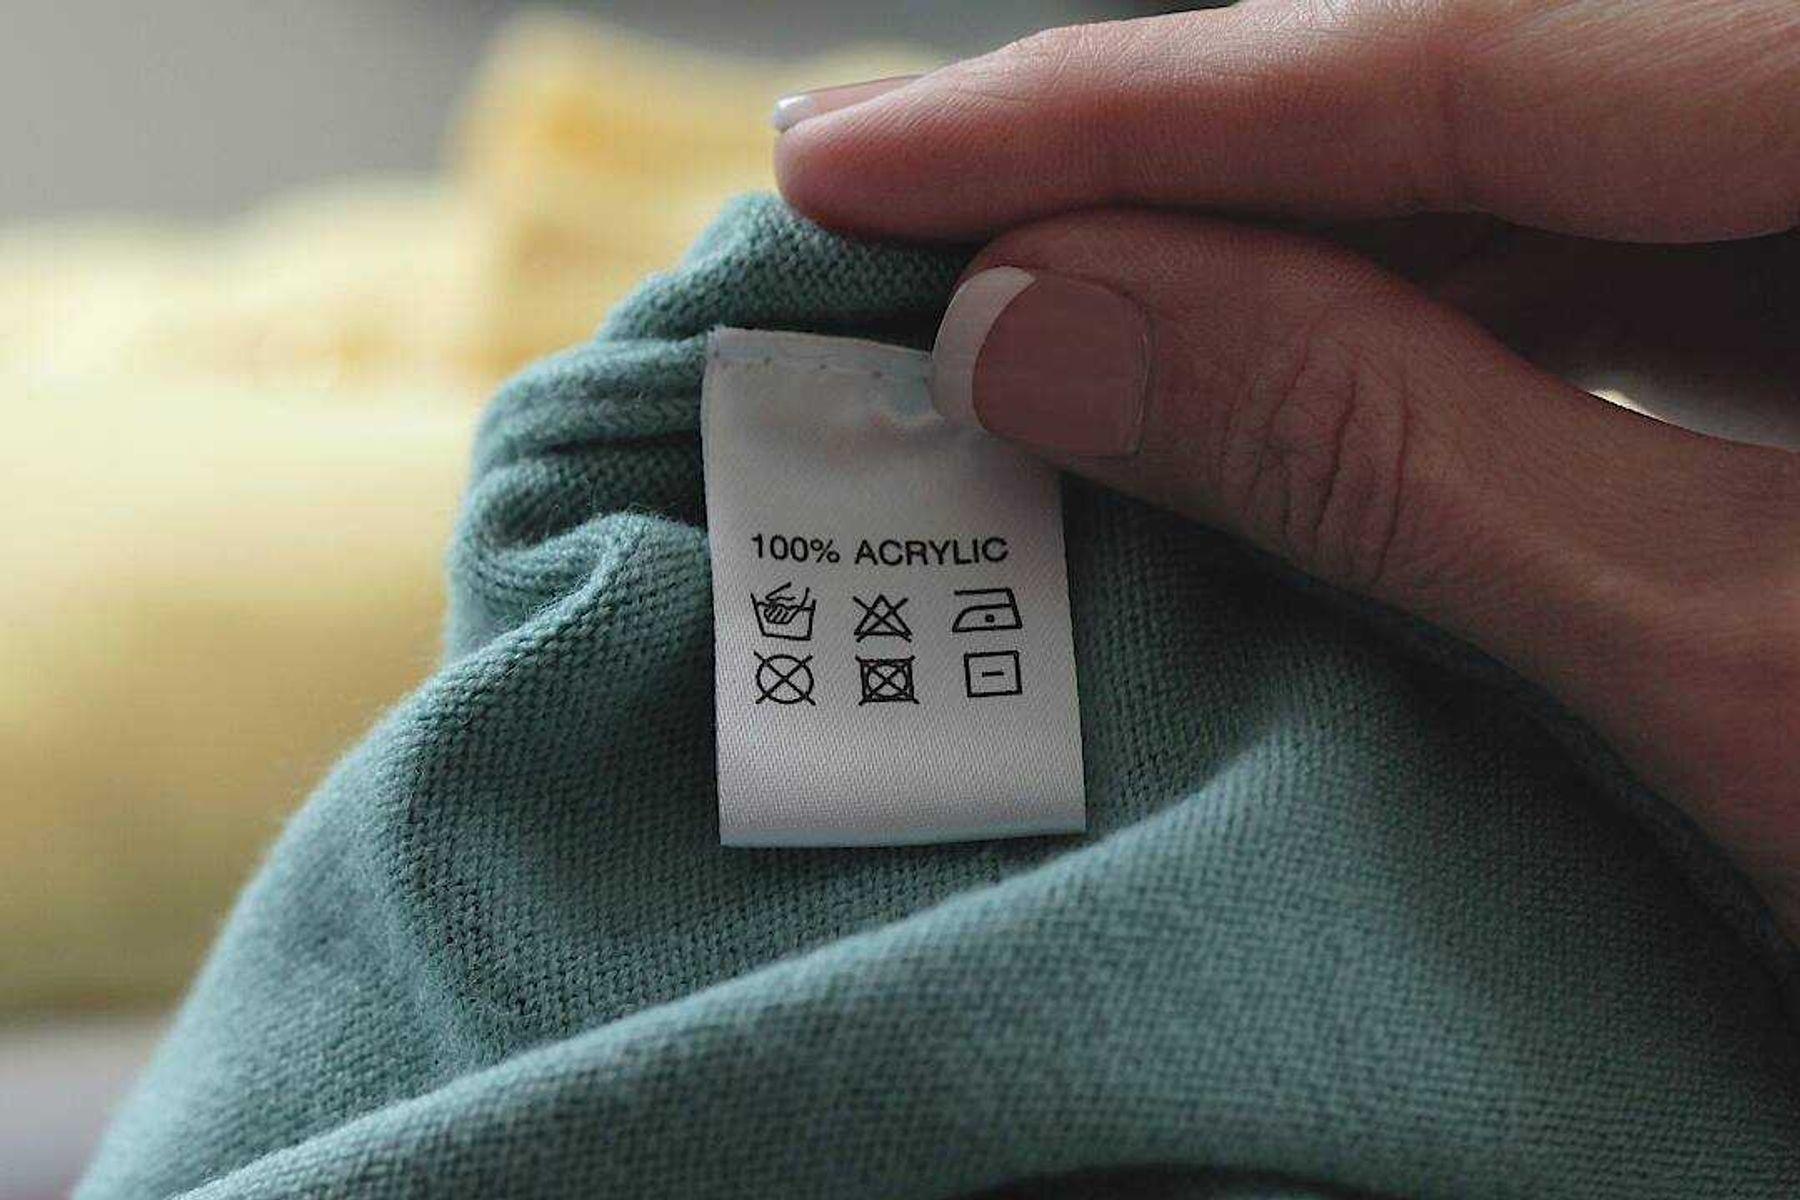 o-que-significam-os-simbolos-de-lavagem-nas-etiquetas-das-roupas